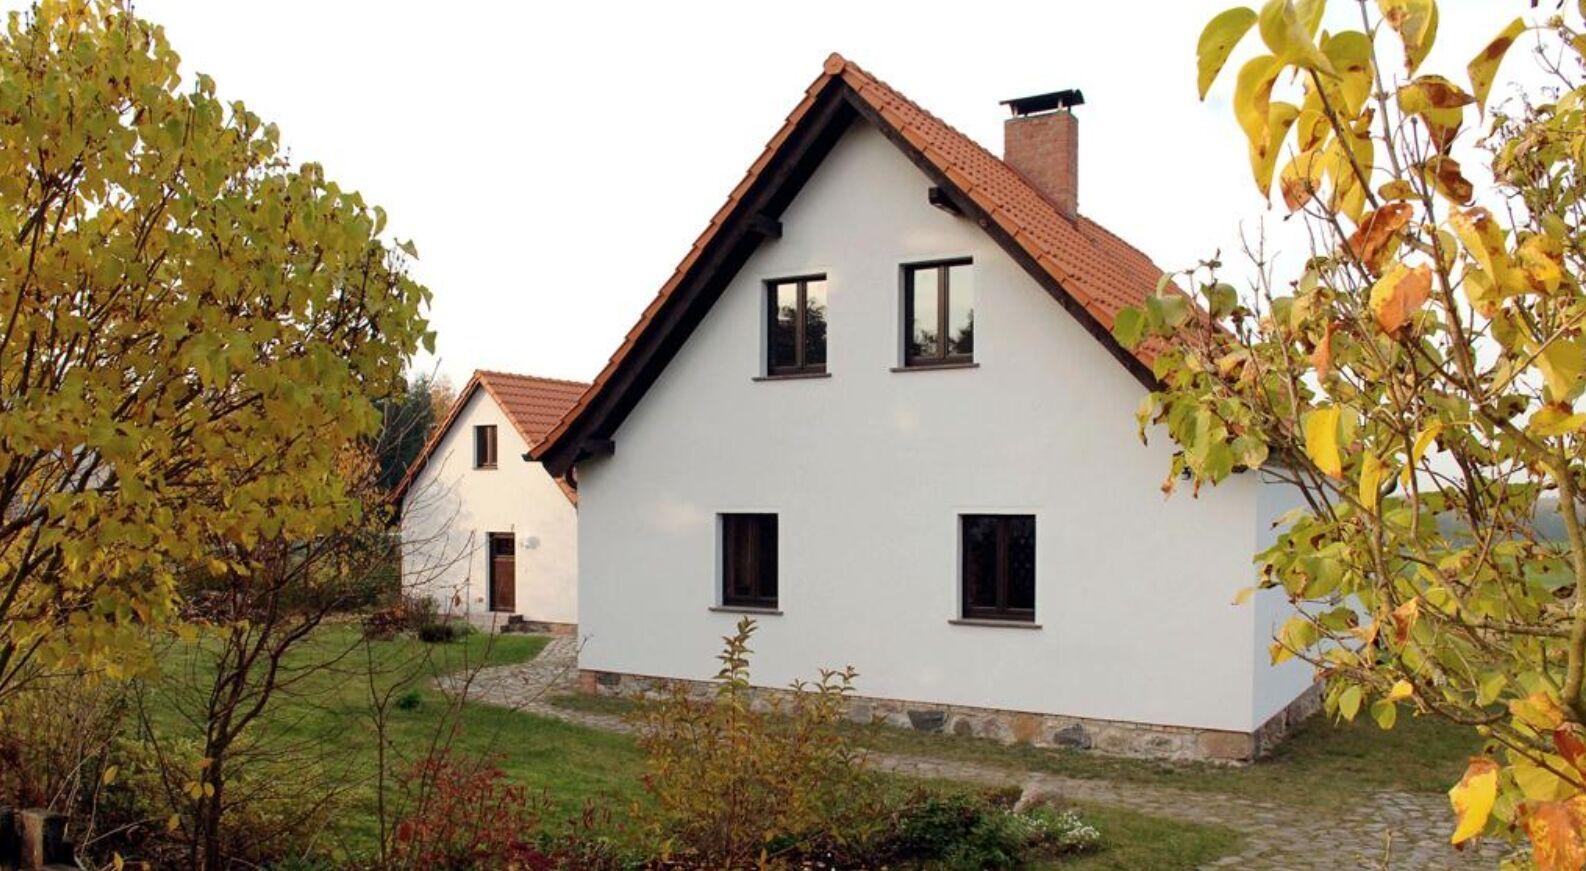 Загородный дом Ангелы Меркель в бранденбургском районе Уккермарк